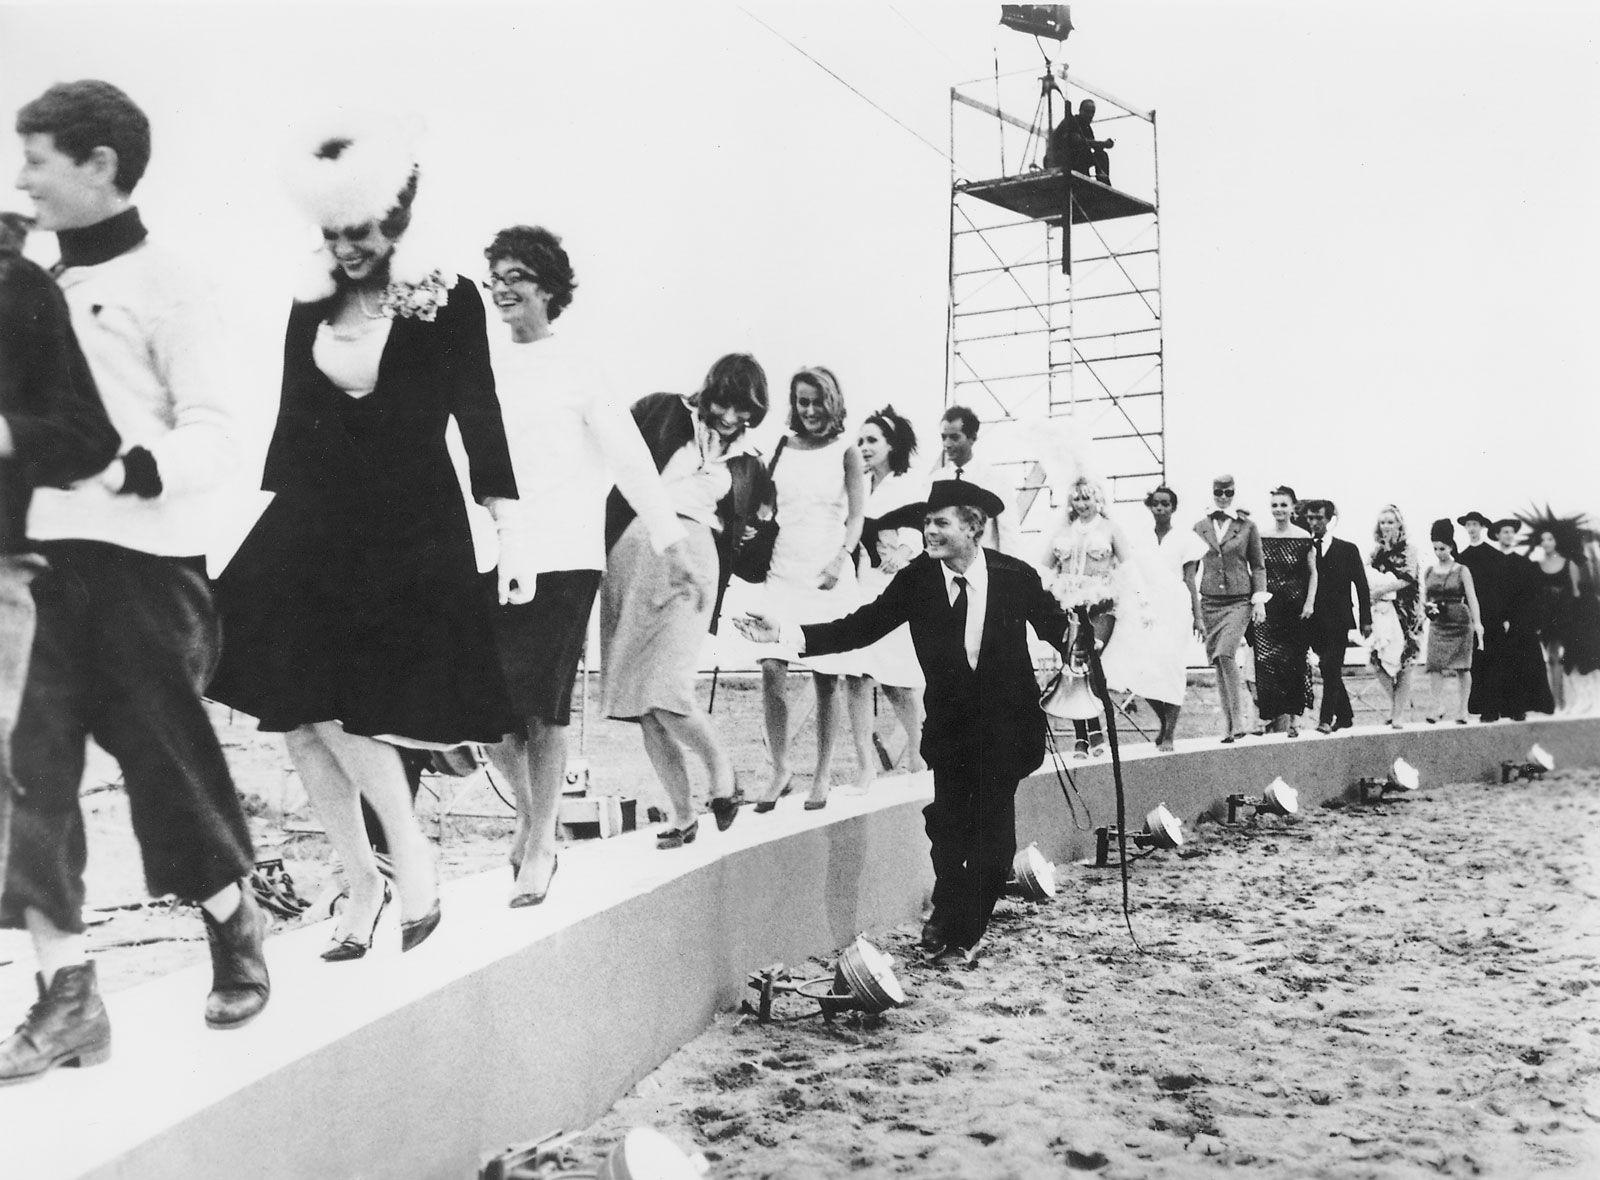 Fellini Otto e Mezzo 8 1/2 | Film | Pinterest | Cinema, Films and Movie